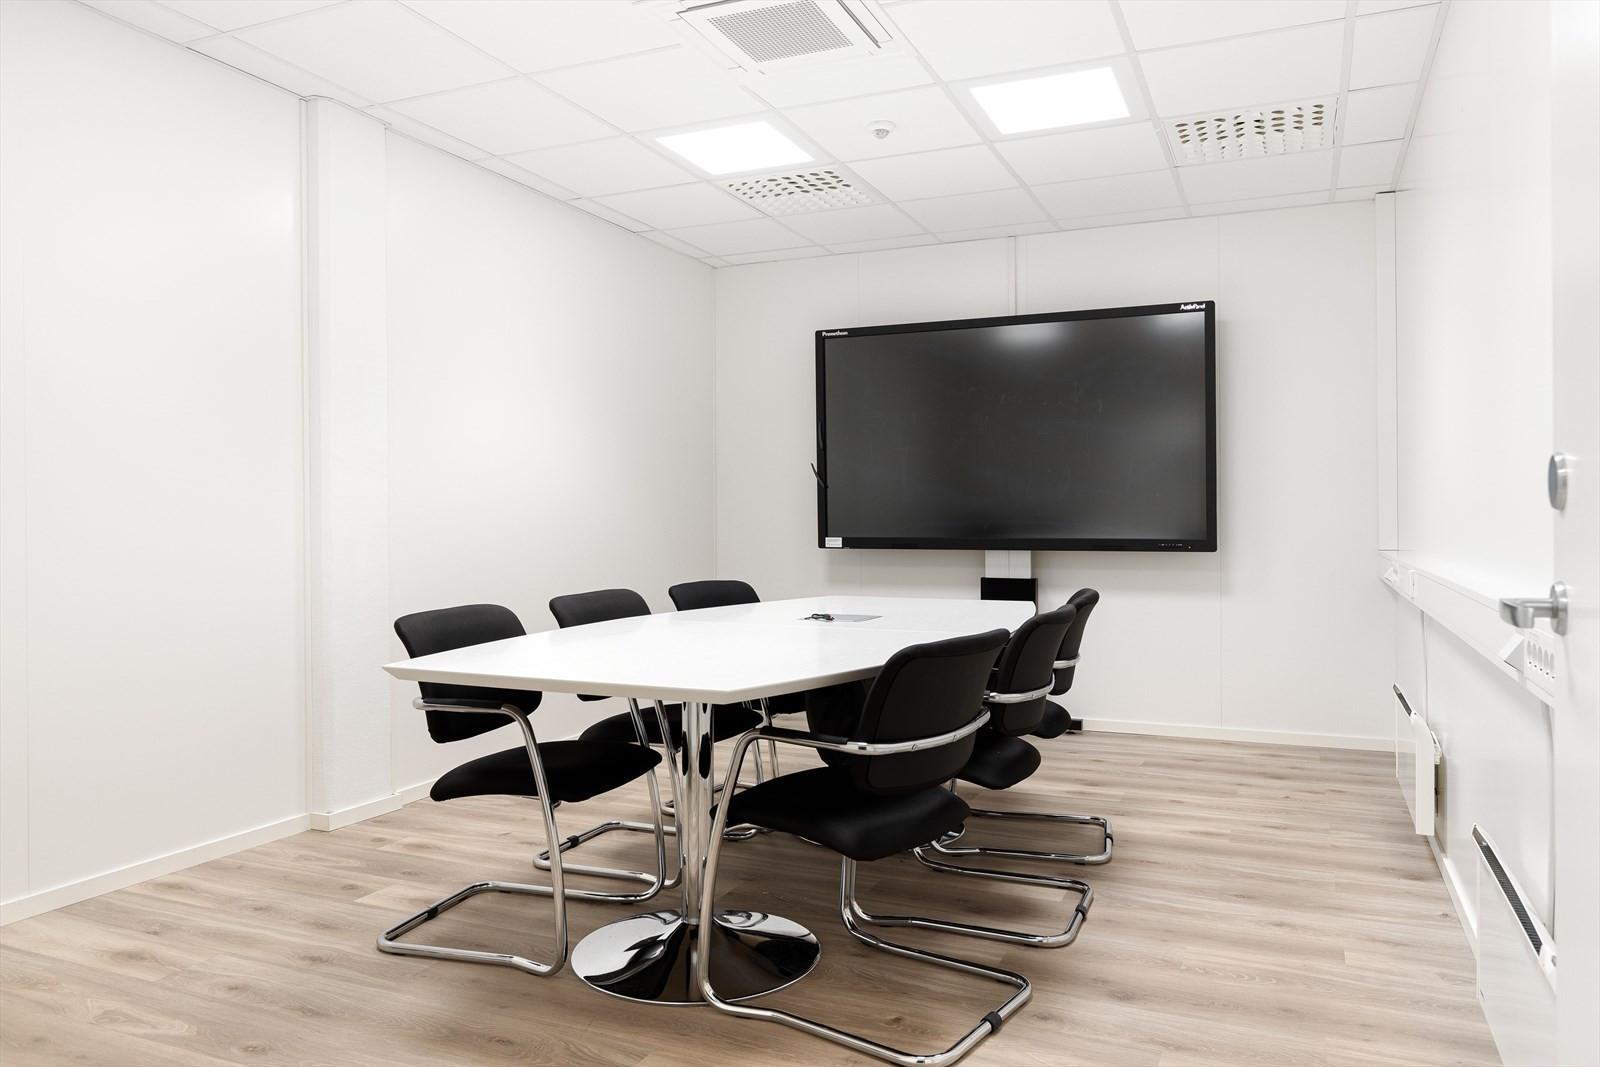 Bilde av konferanserom i tilsvarende type lokaler i bygget.